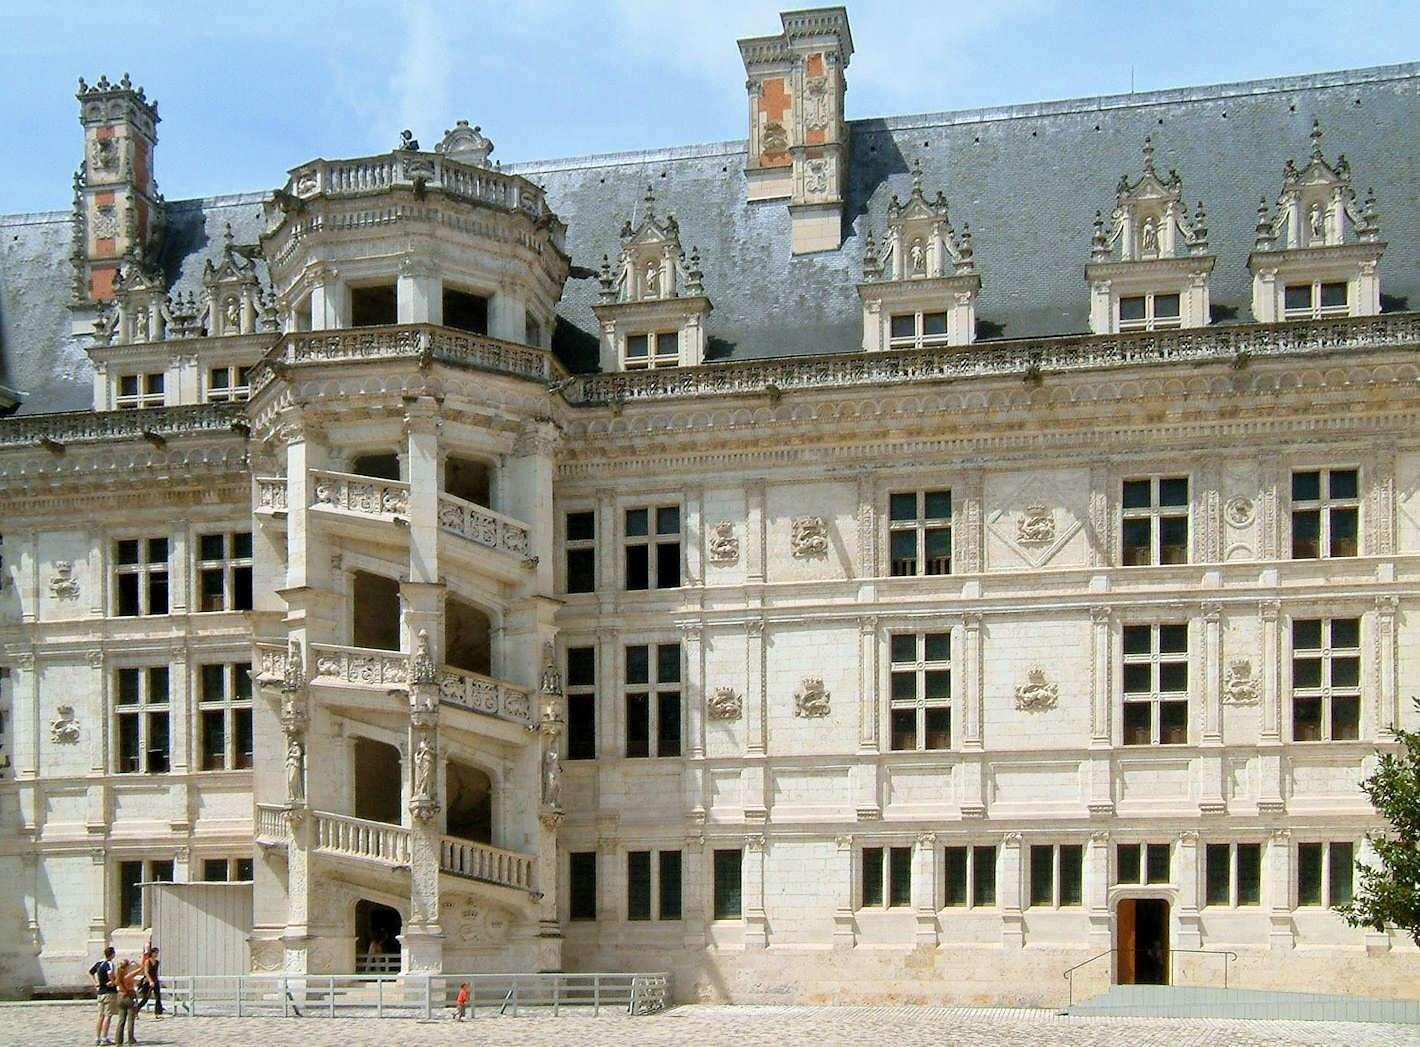 弗朗索瓦一世在侧翼修建时特意在整个建筑中央位置建筑了一个主宰整个建筑的楼梯塔楼 现在已经成为布卢瓦城堡的标志